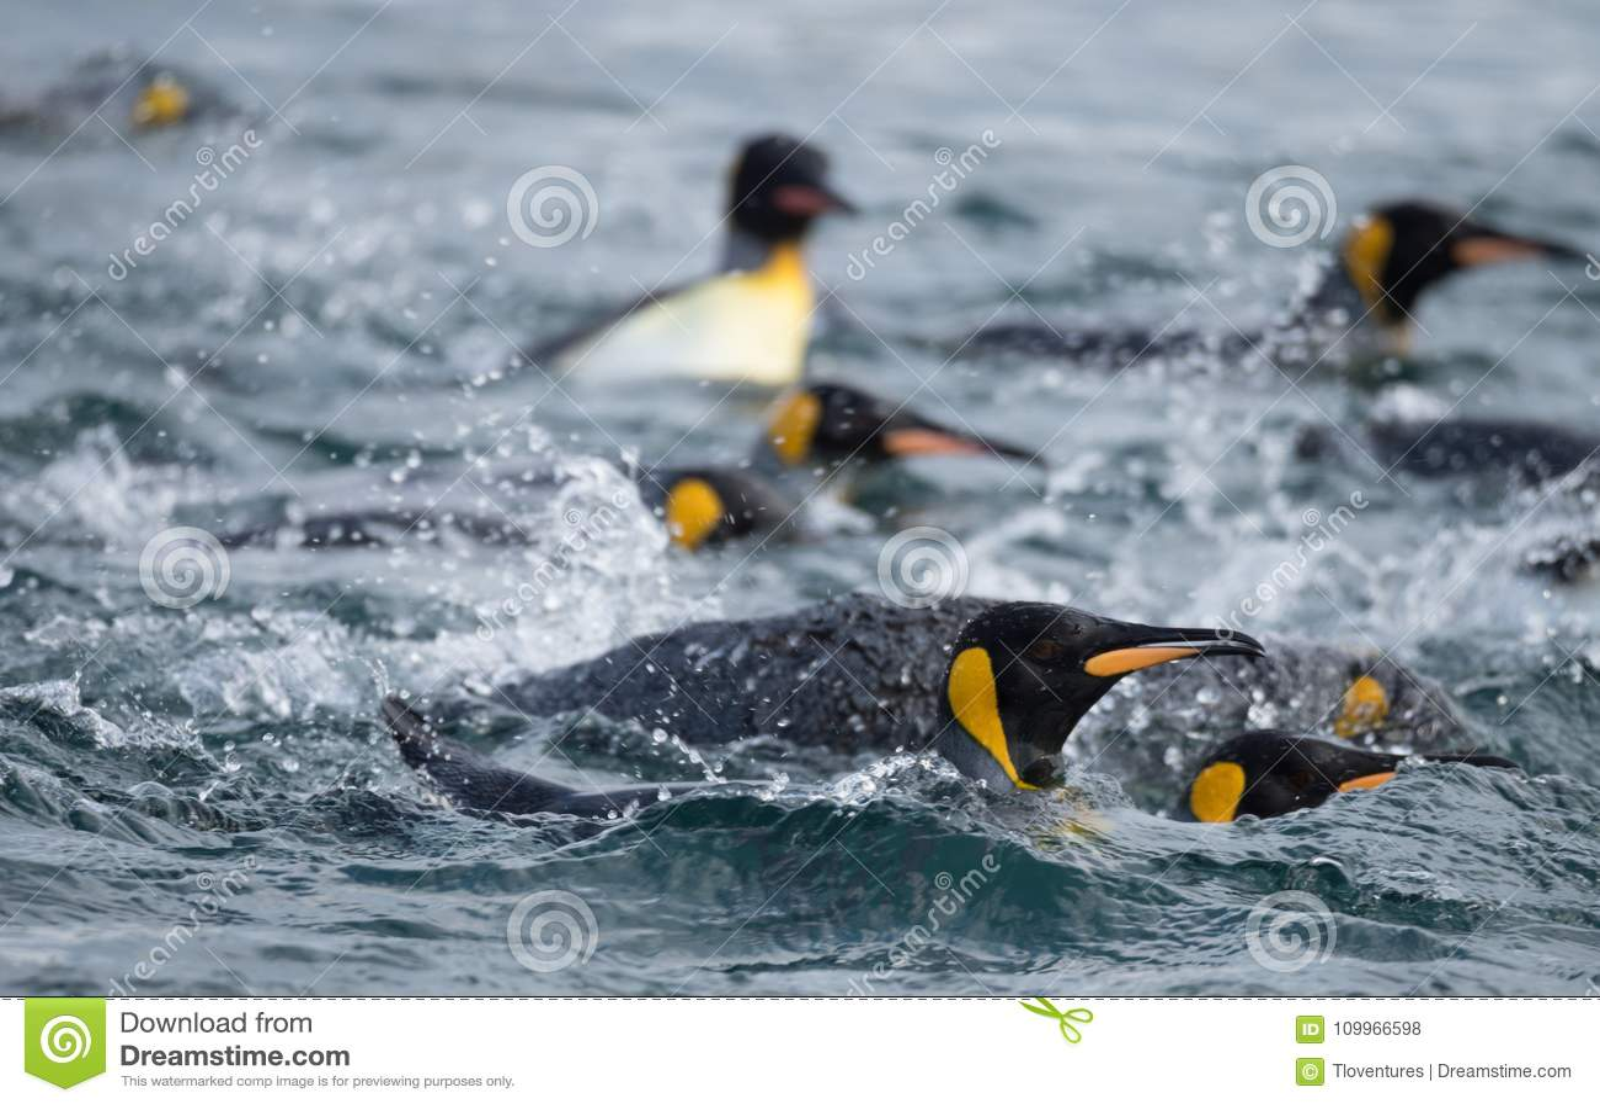 Koning Penguins Swimming in de Zuidelijke Oceaan